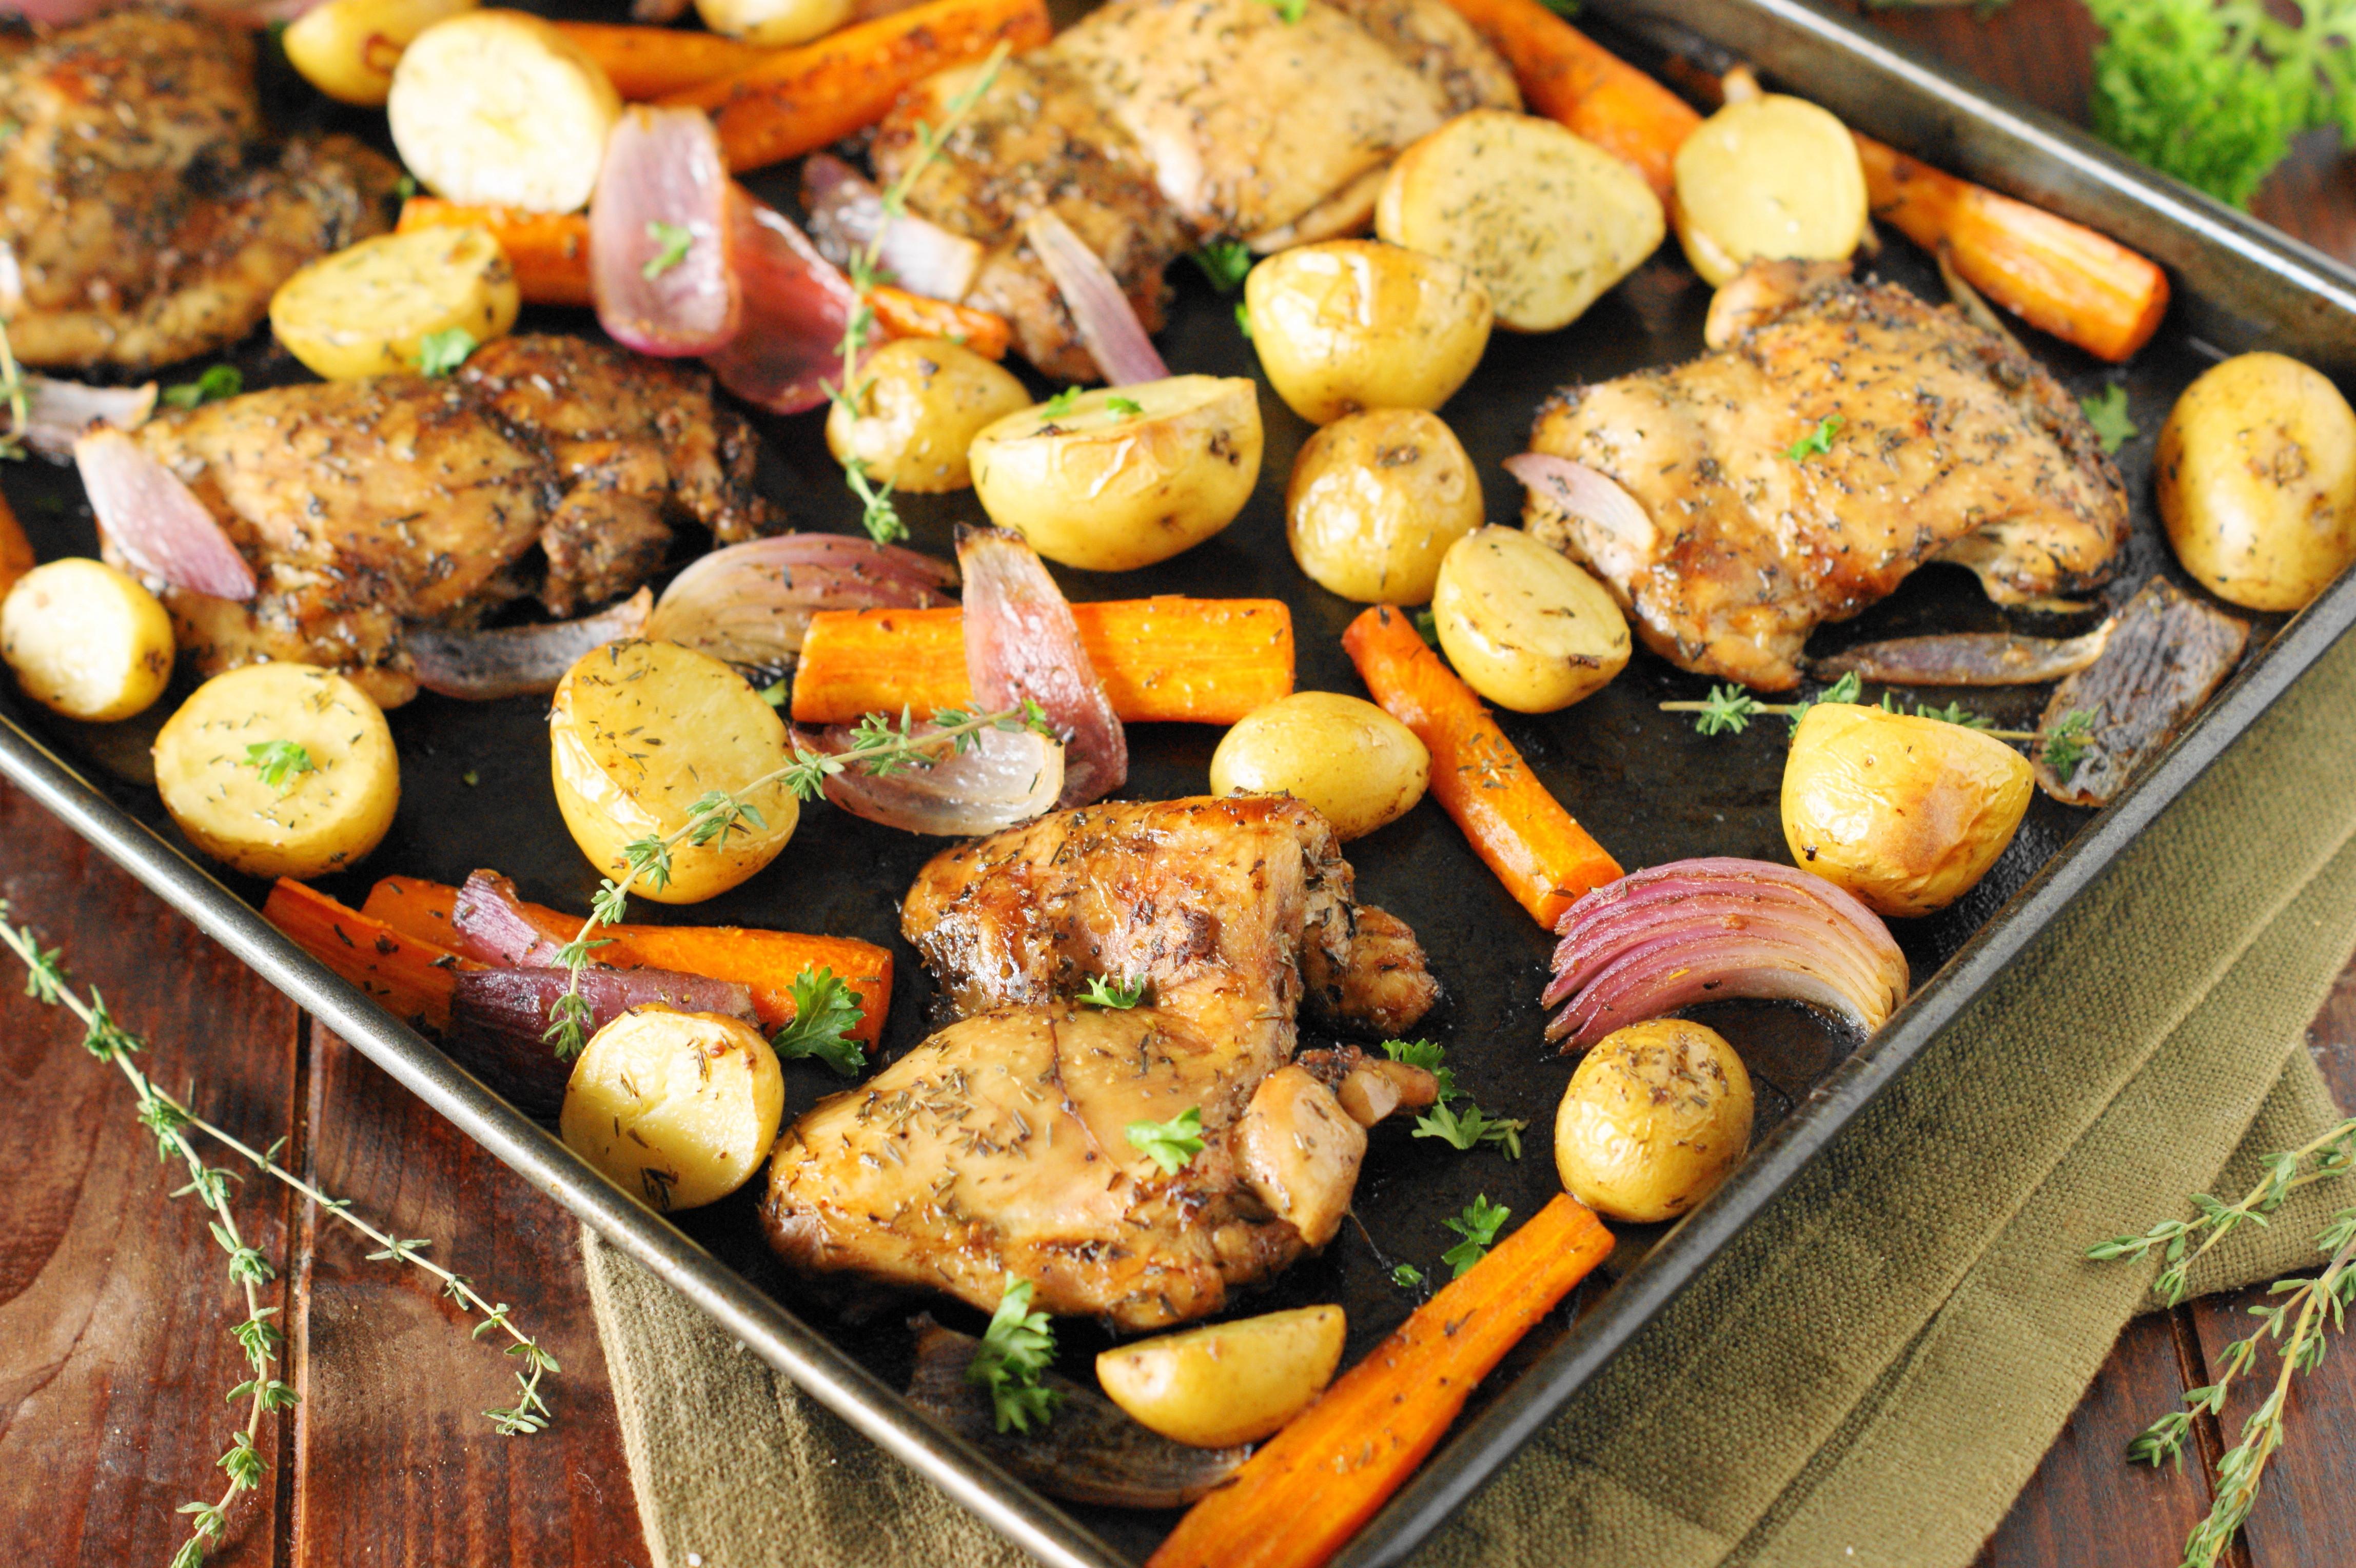 Sheet Pan Dinner  How To Make A Sheet Pan Dinner 3 Ways Genius Kitchen